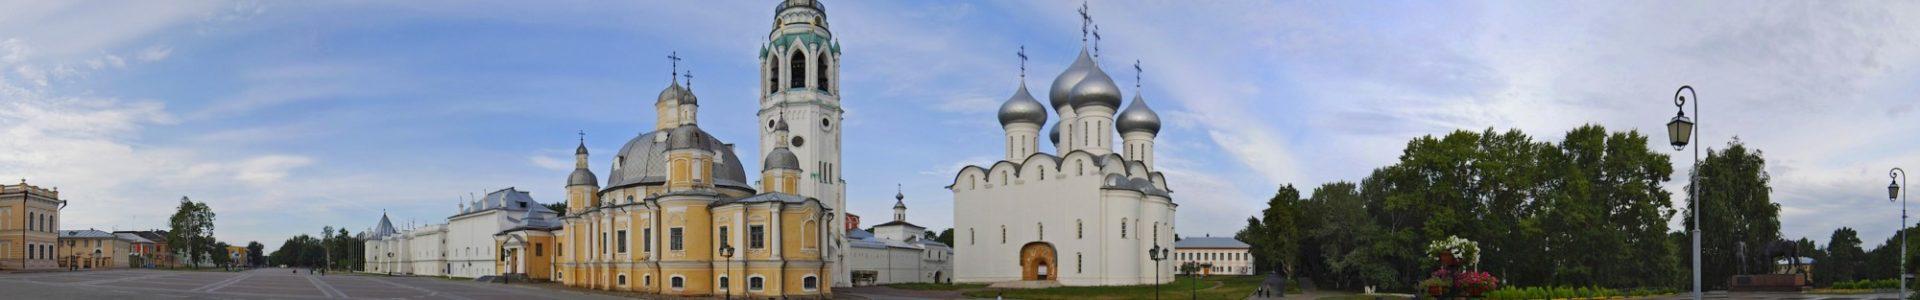 Воскресенский и Софийский Успенский кафедральный собор г. Вологды